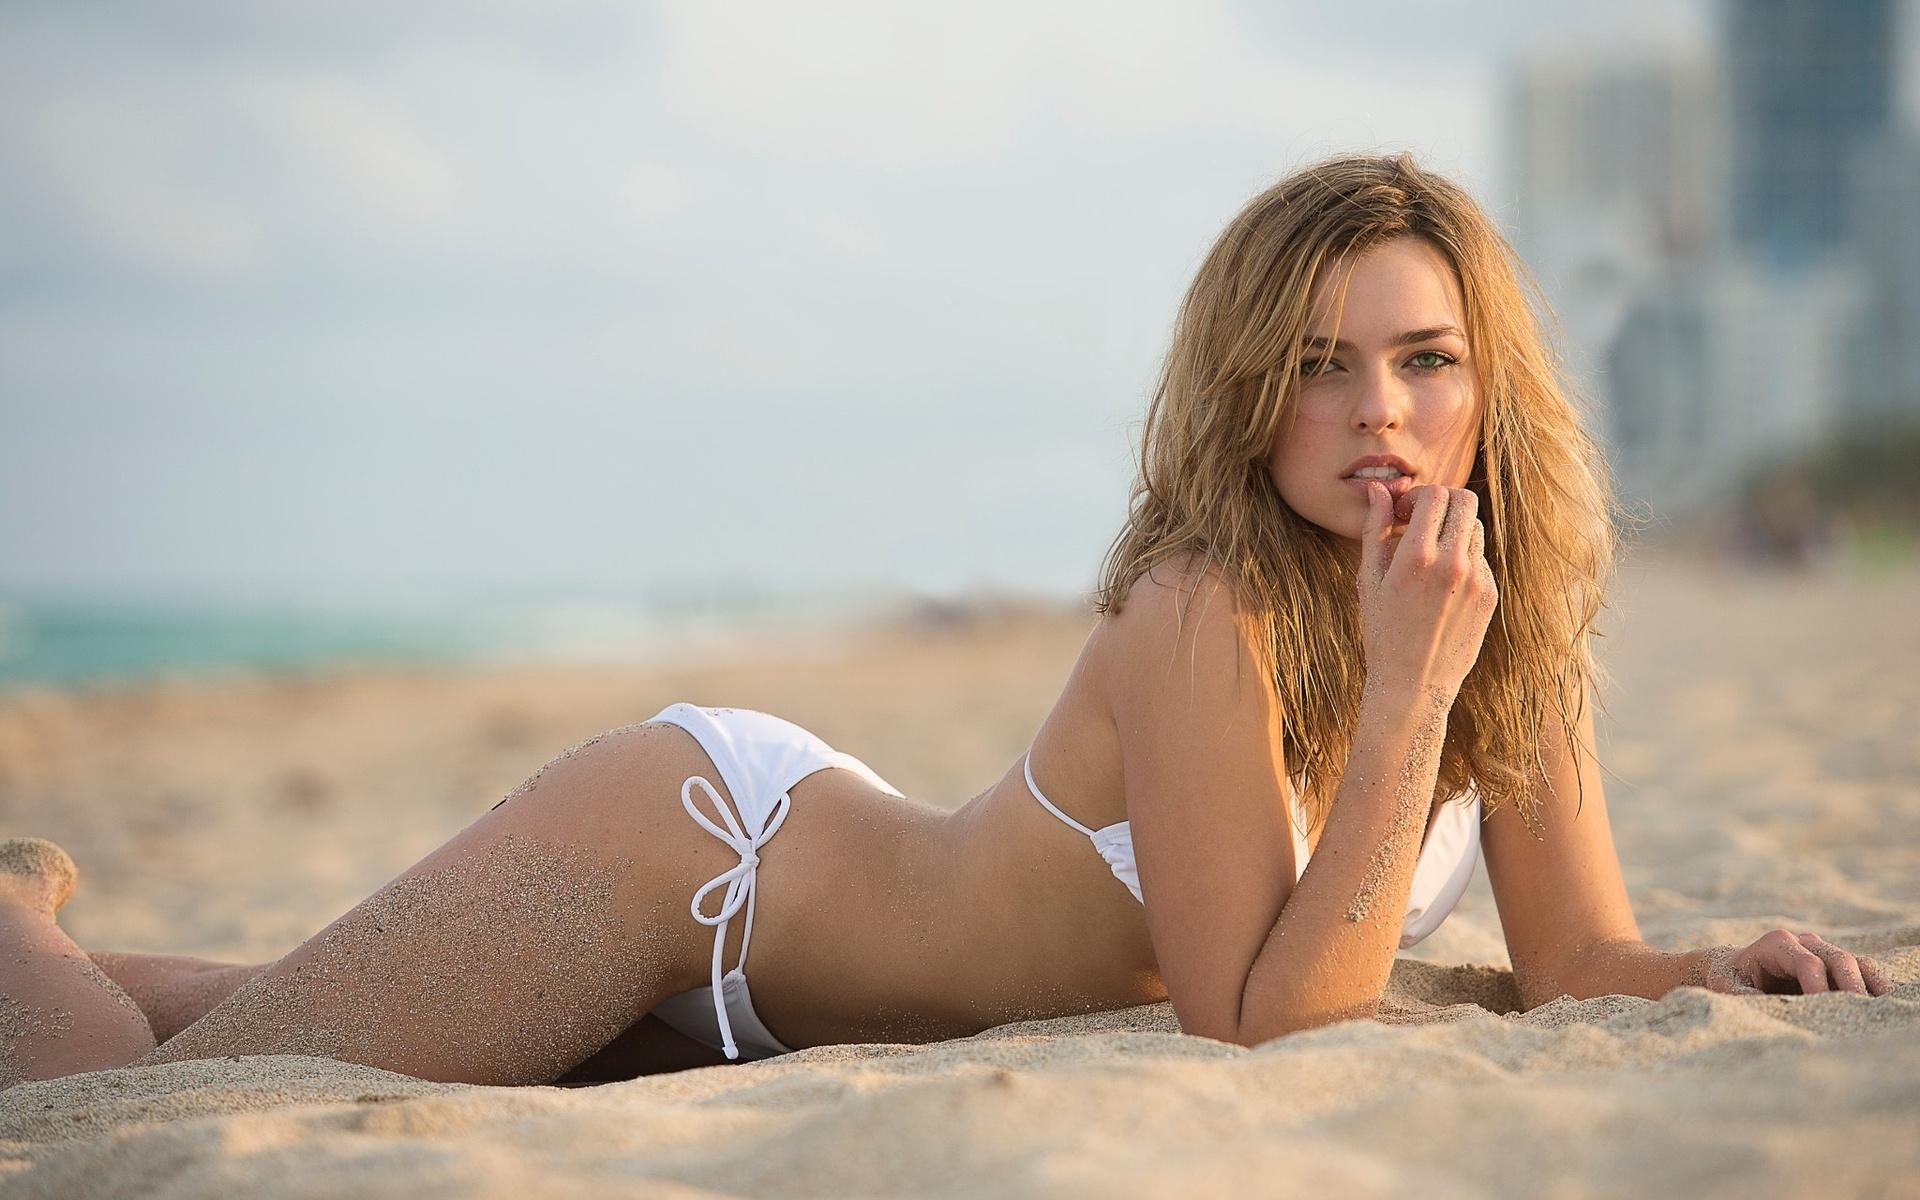 Реальные фотки девушек на пляже, русский секс нежный любовный